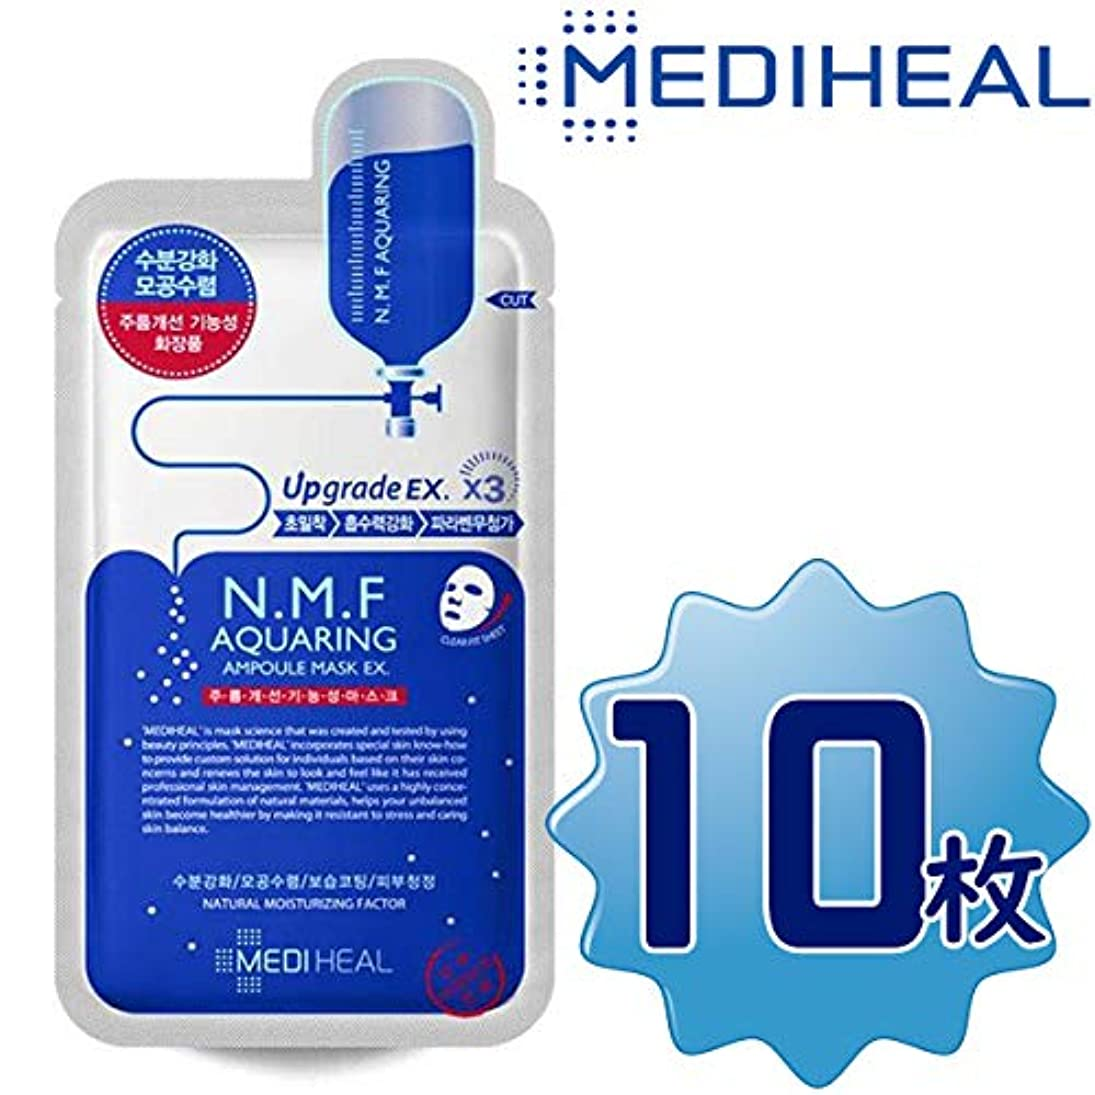 ウッズ楽しませるブレース【正規輸入品】Mediheal メディヒール N.M.F アクアリング アンプル?マスクパックEX 10枚入り×1(Aquaring Ampoule Essential Mask PackEX 1box(10sheet)×1